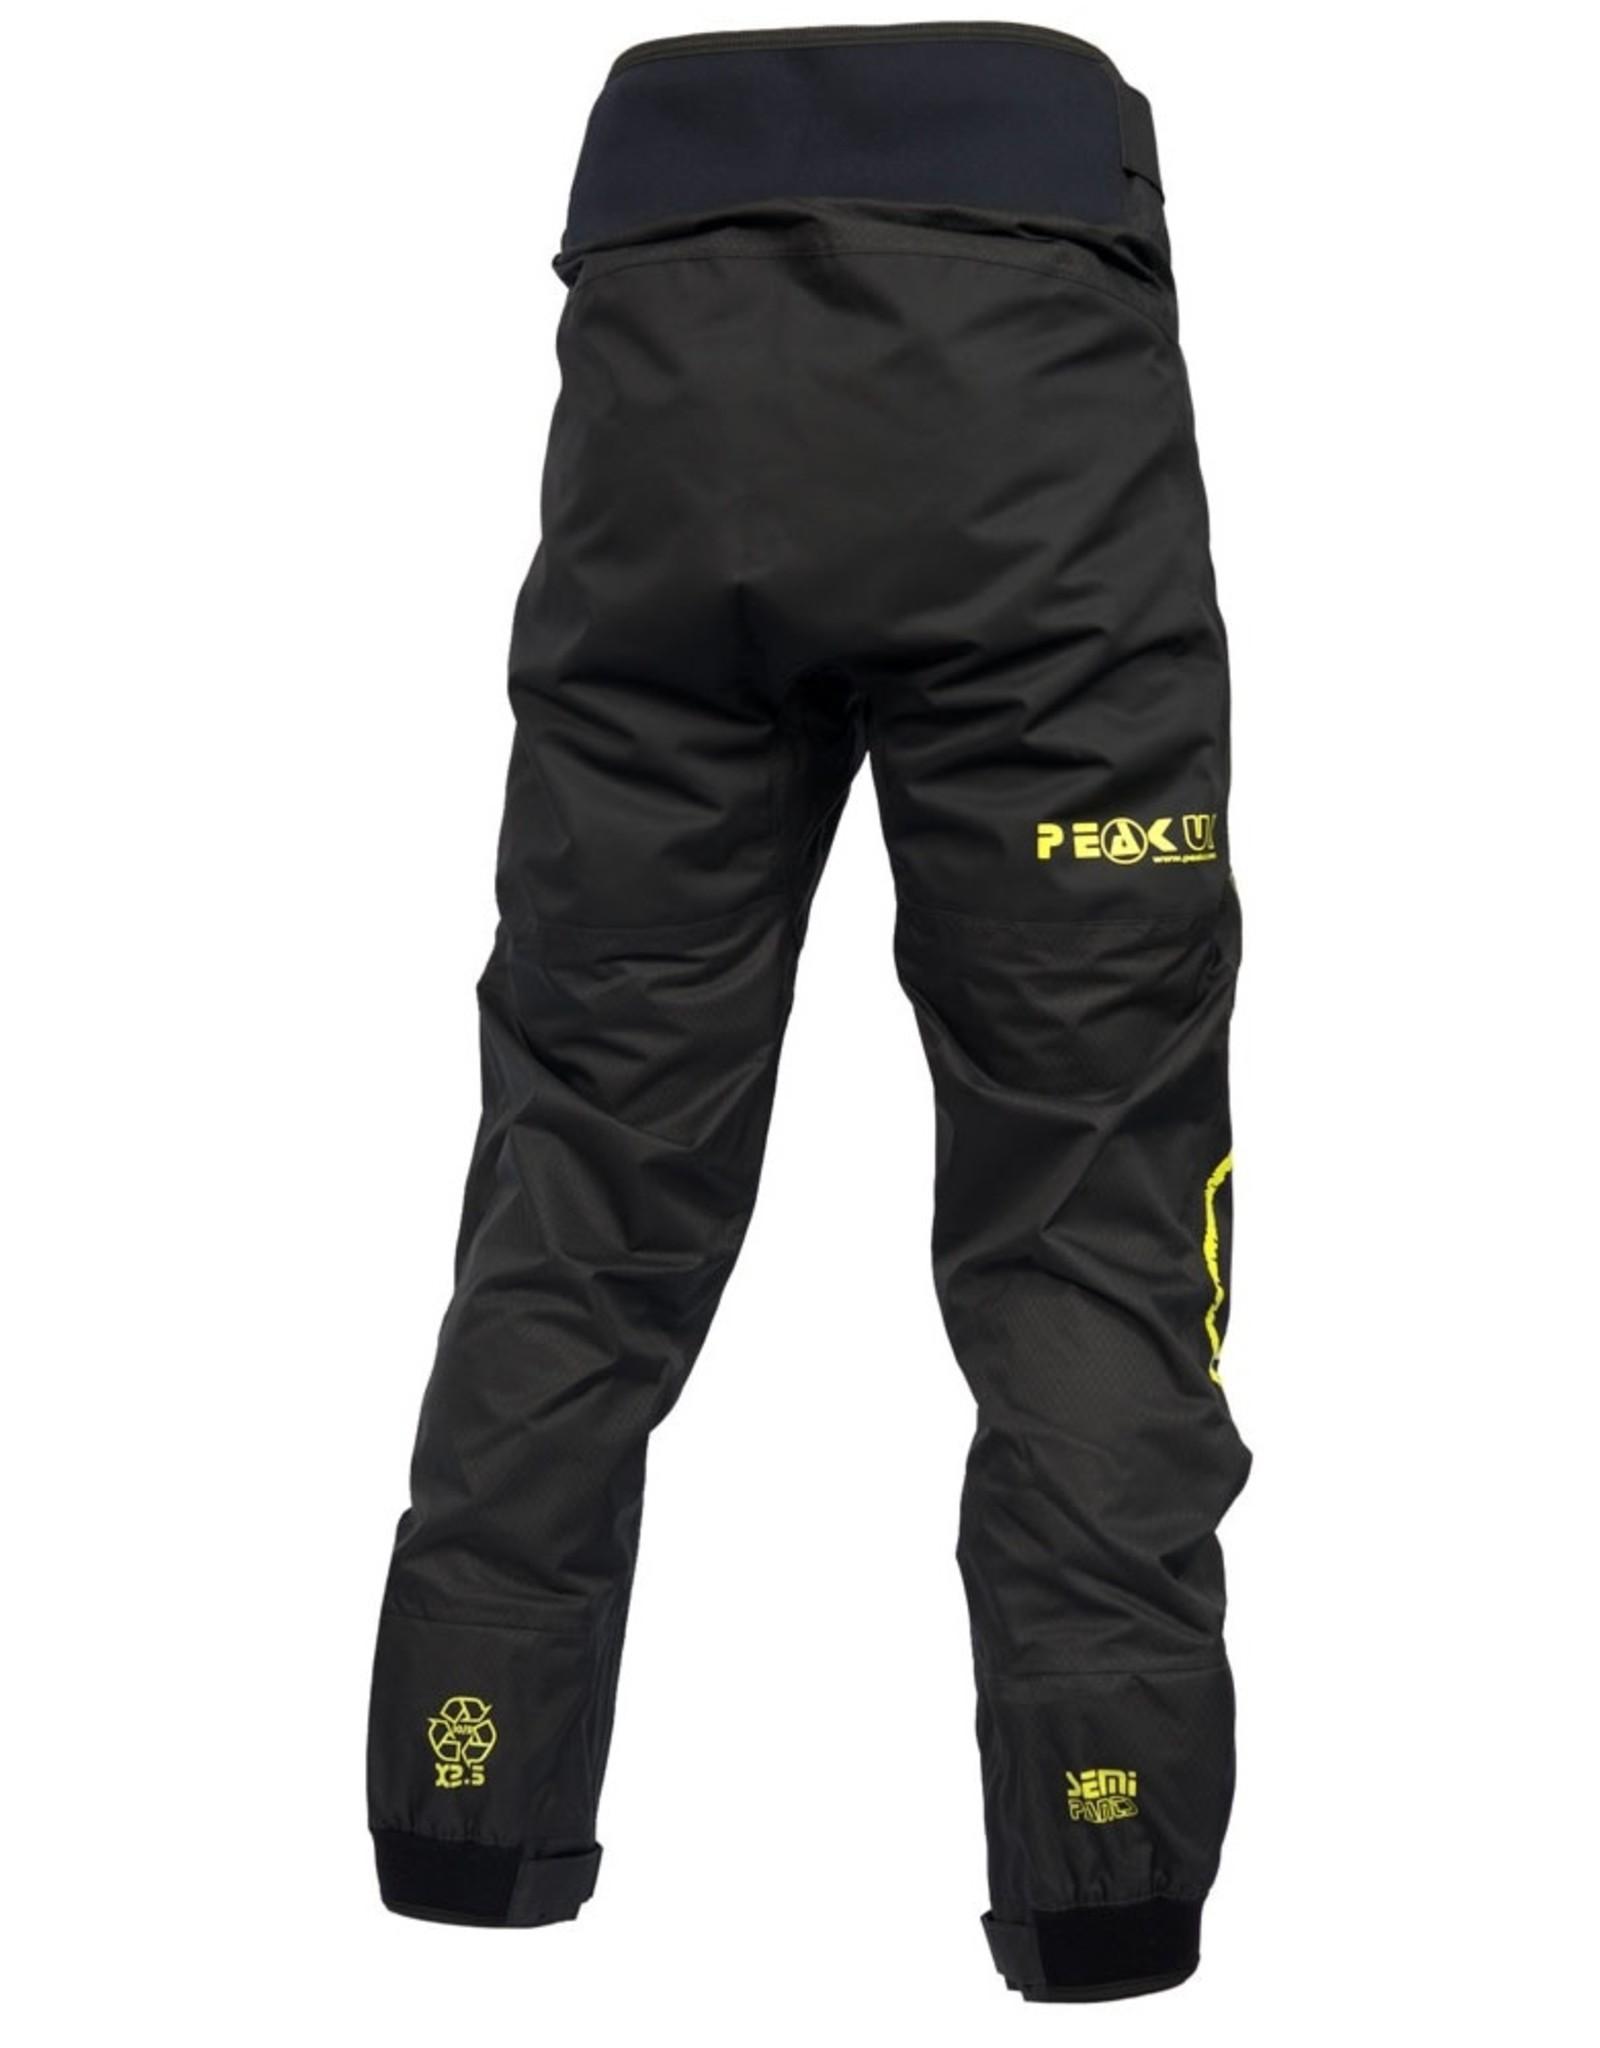 Peak UK Peak UK Semi Dry Pant